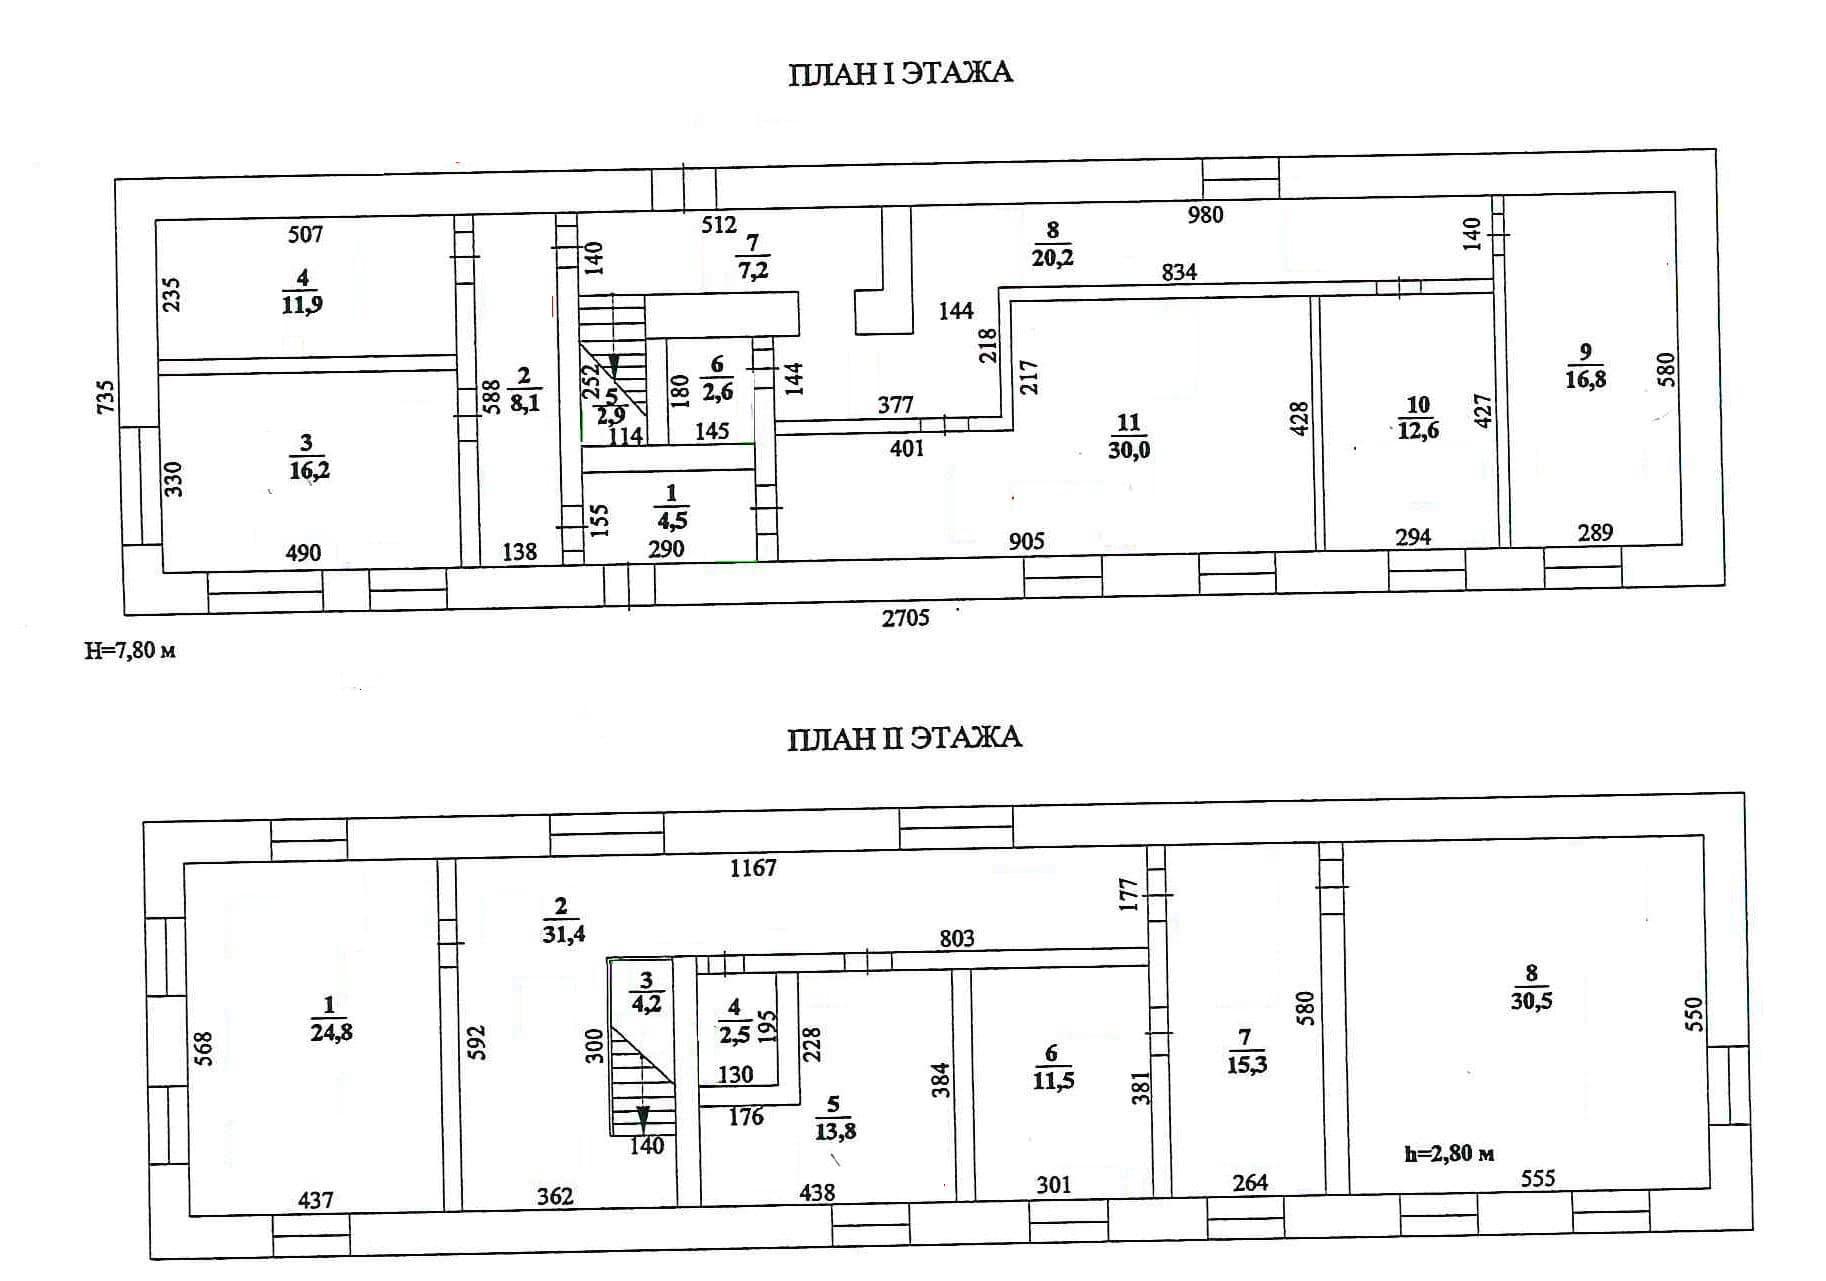 Теплотехнический расчет отопления офисного здания